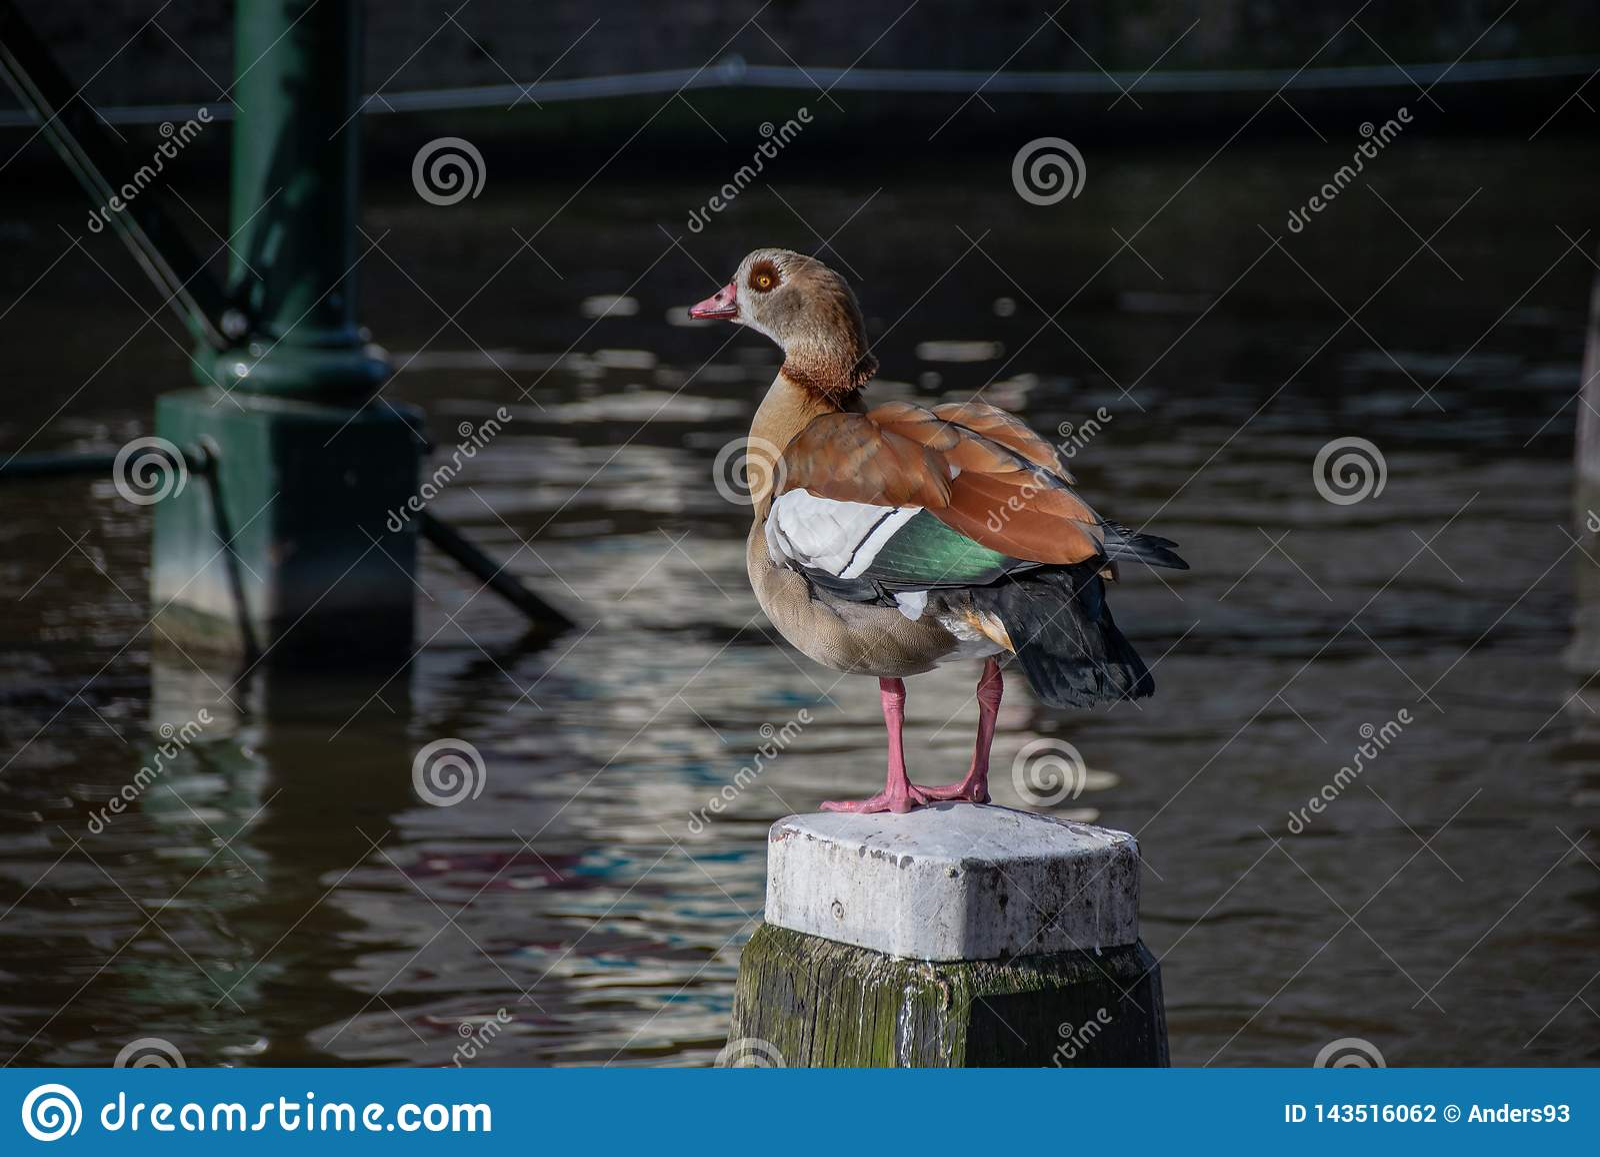 Alopochen ägyptiacus Alopochen-aegyptiaca, das auf einem hölzernen Posten in der Mitte eines Kanals in Amsterdam, die Niederlande